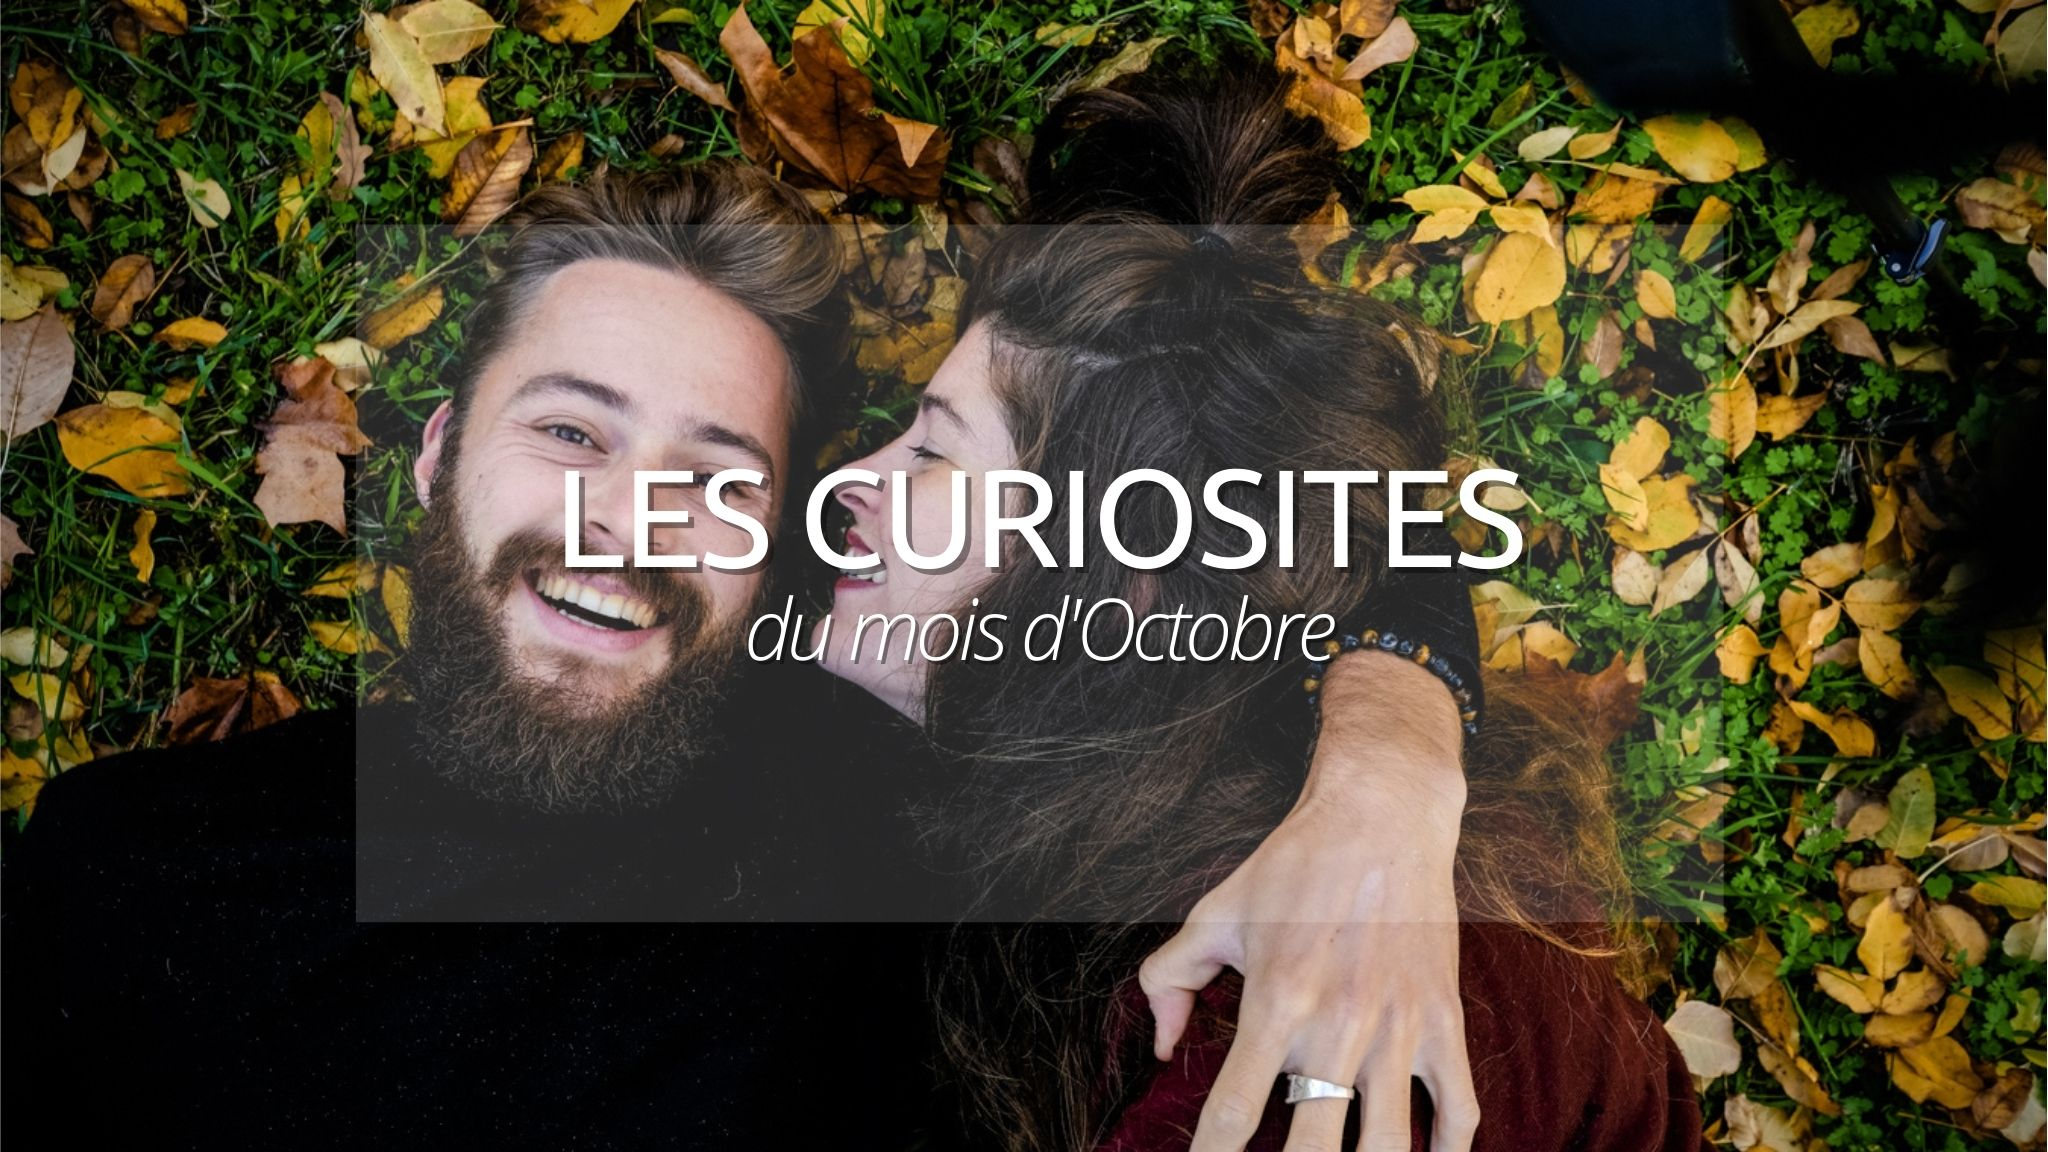 N°1 : Les curiosités d'Octobre